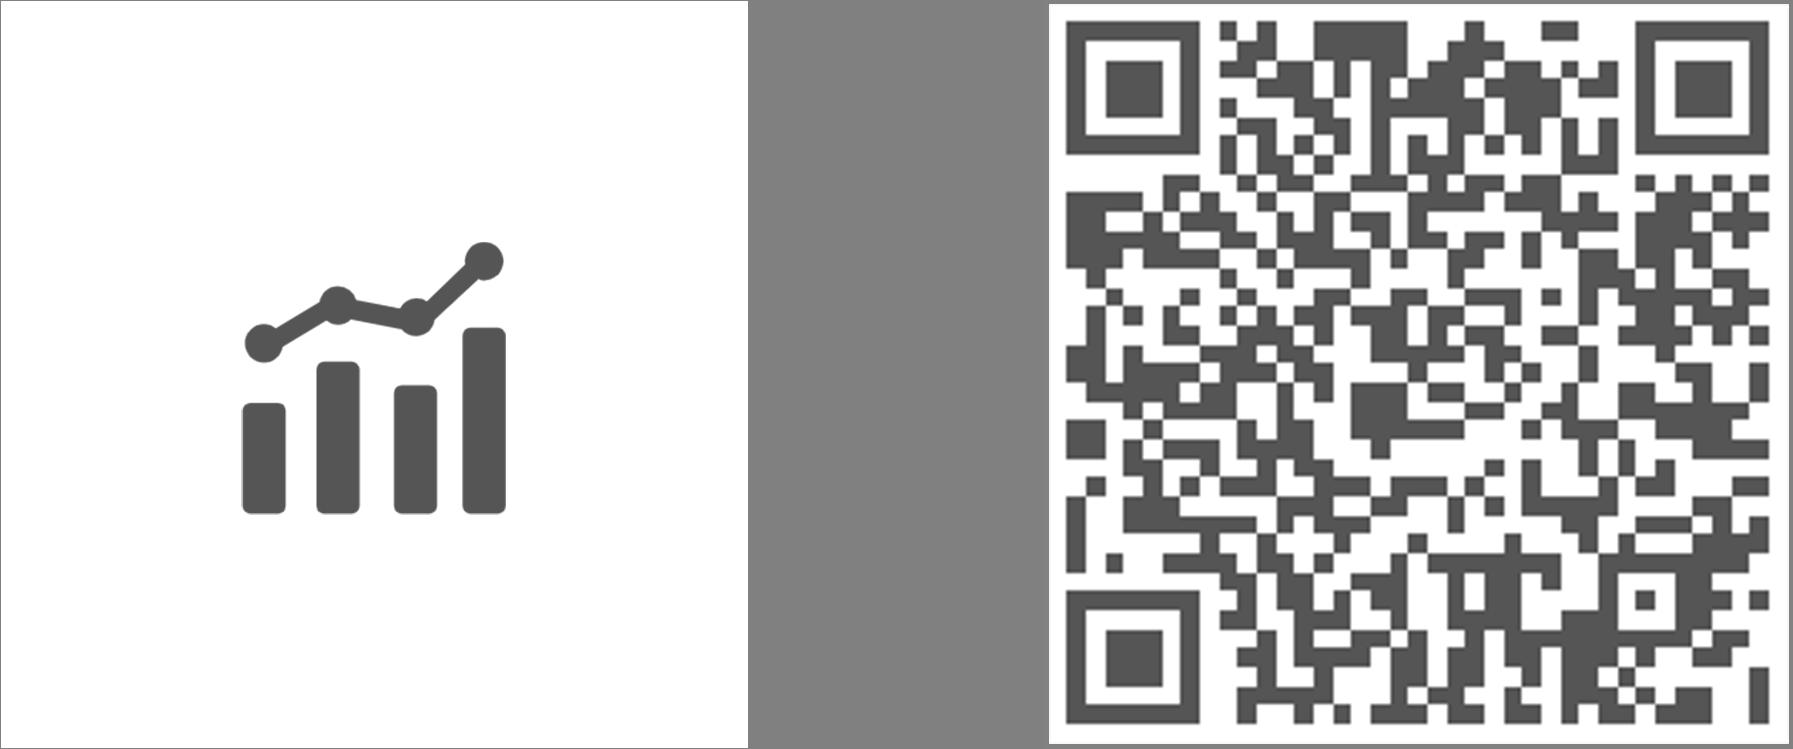 0015ddcd47d9656c4053448038de5ef